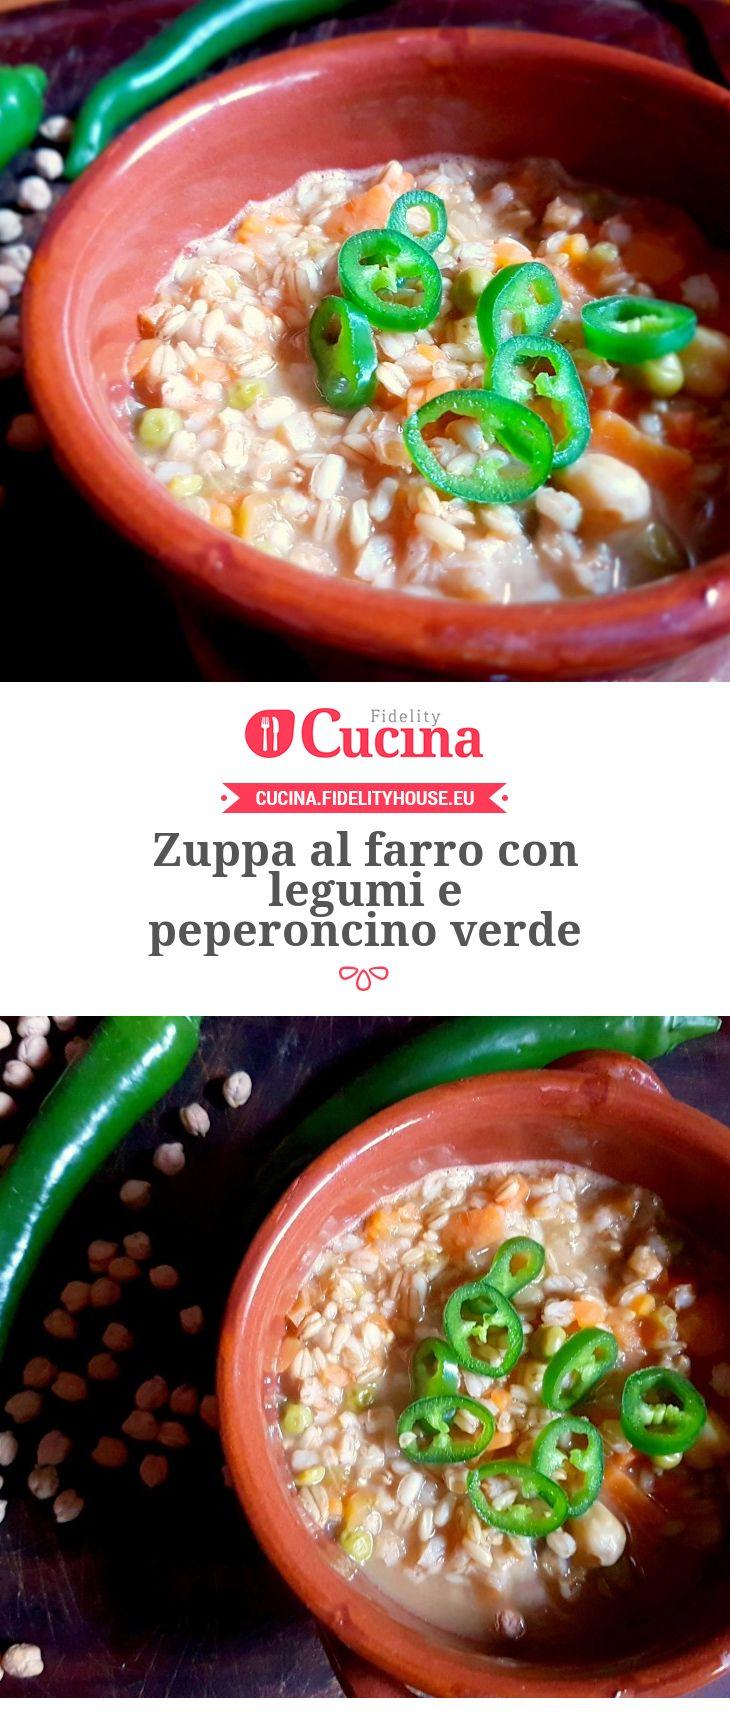 Zuppa al farro con legumi e peperoncino verde della nostra utente Monica. Unisciti alla nostra Community ed invia le tue ricette!